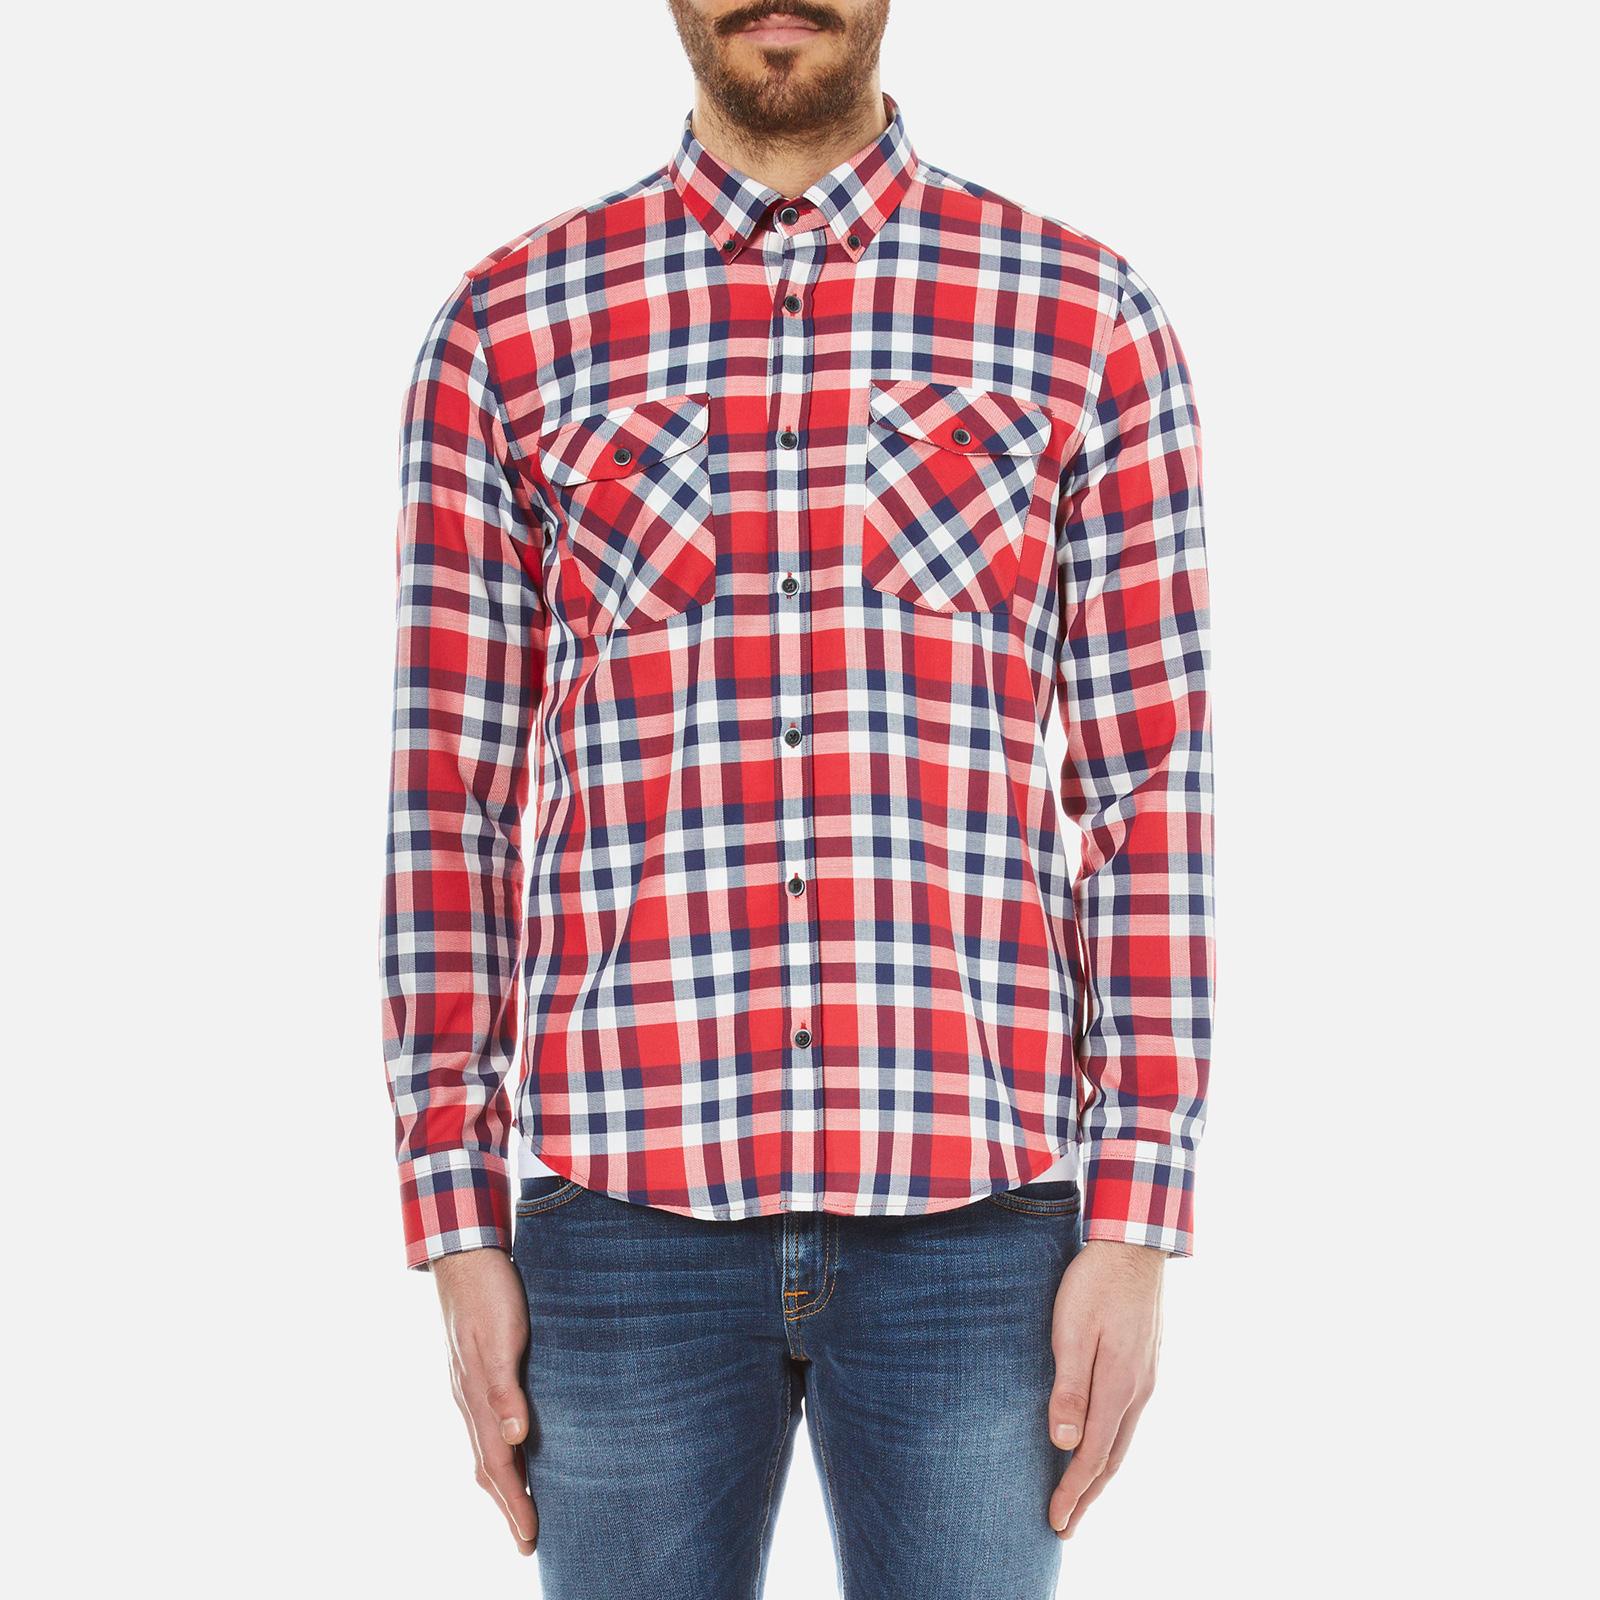 c1bc5972f9af Barbour X Steve McQueen Men s Rebel Shirt - Red - Free UK Delivery over £50